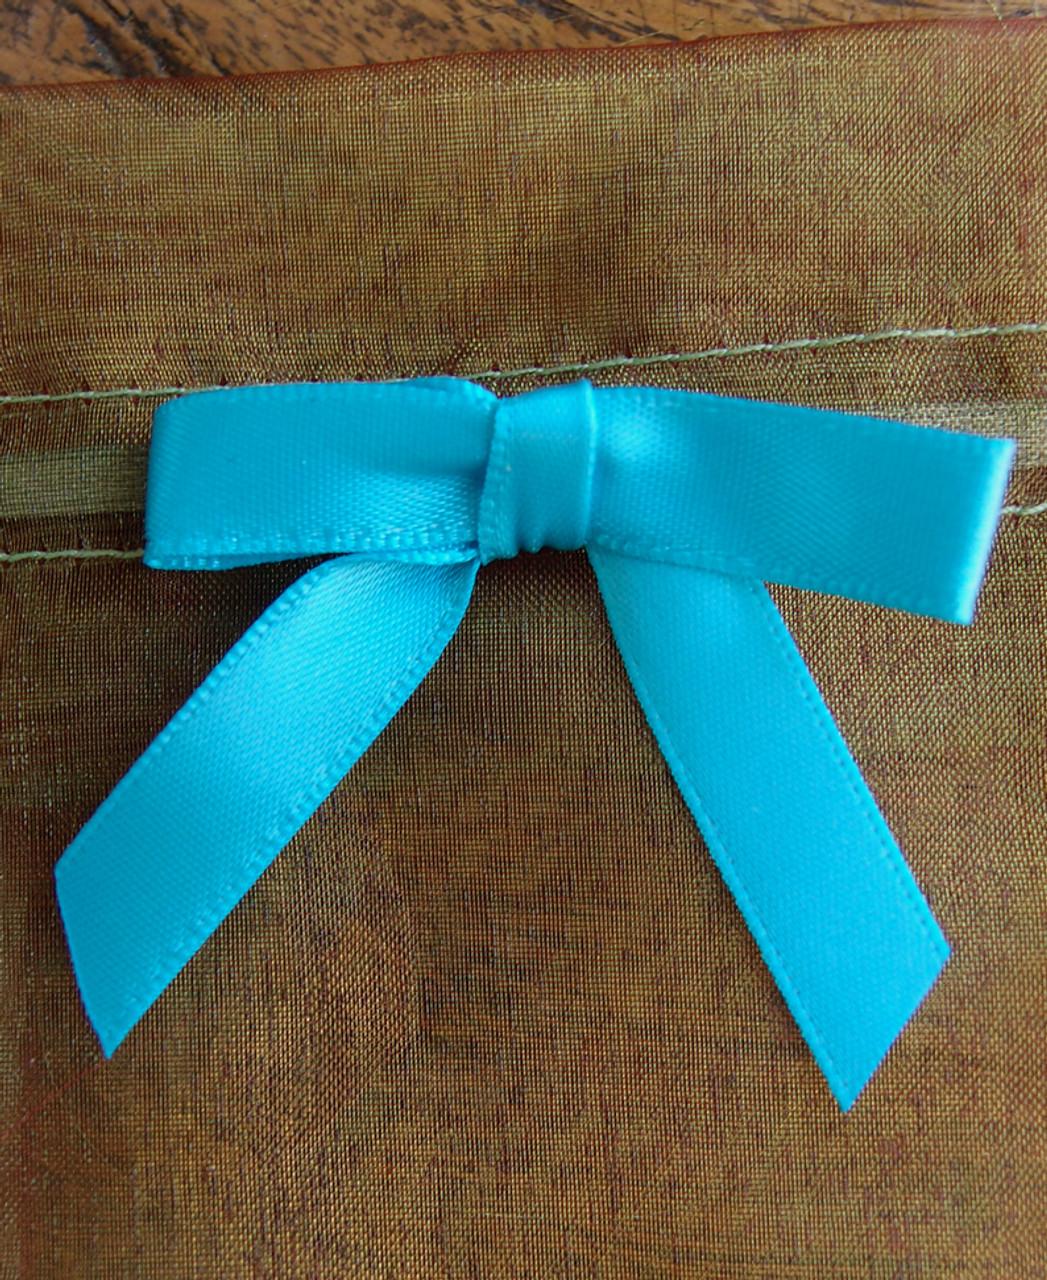 Turquoise Satin Pre-tied Bows w/Twist-tie (4 sizes)